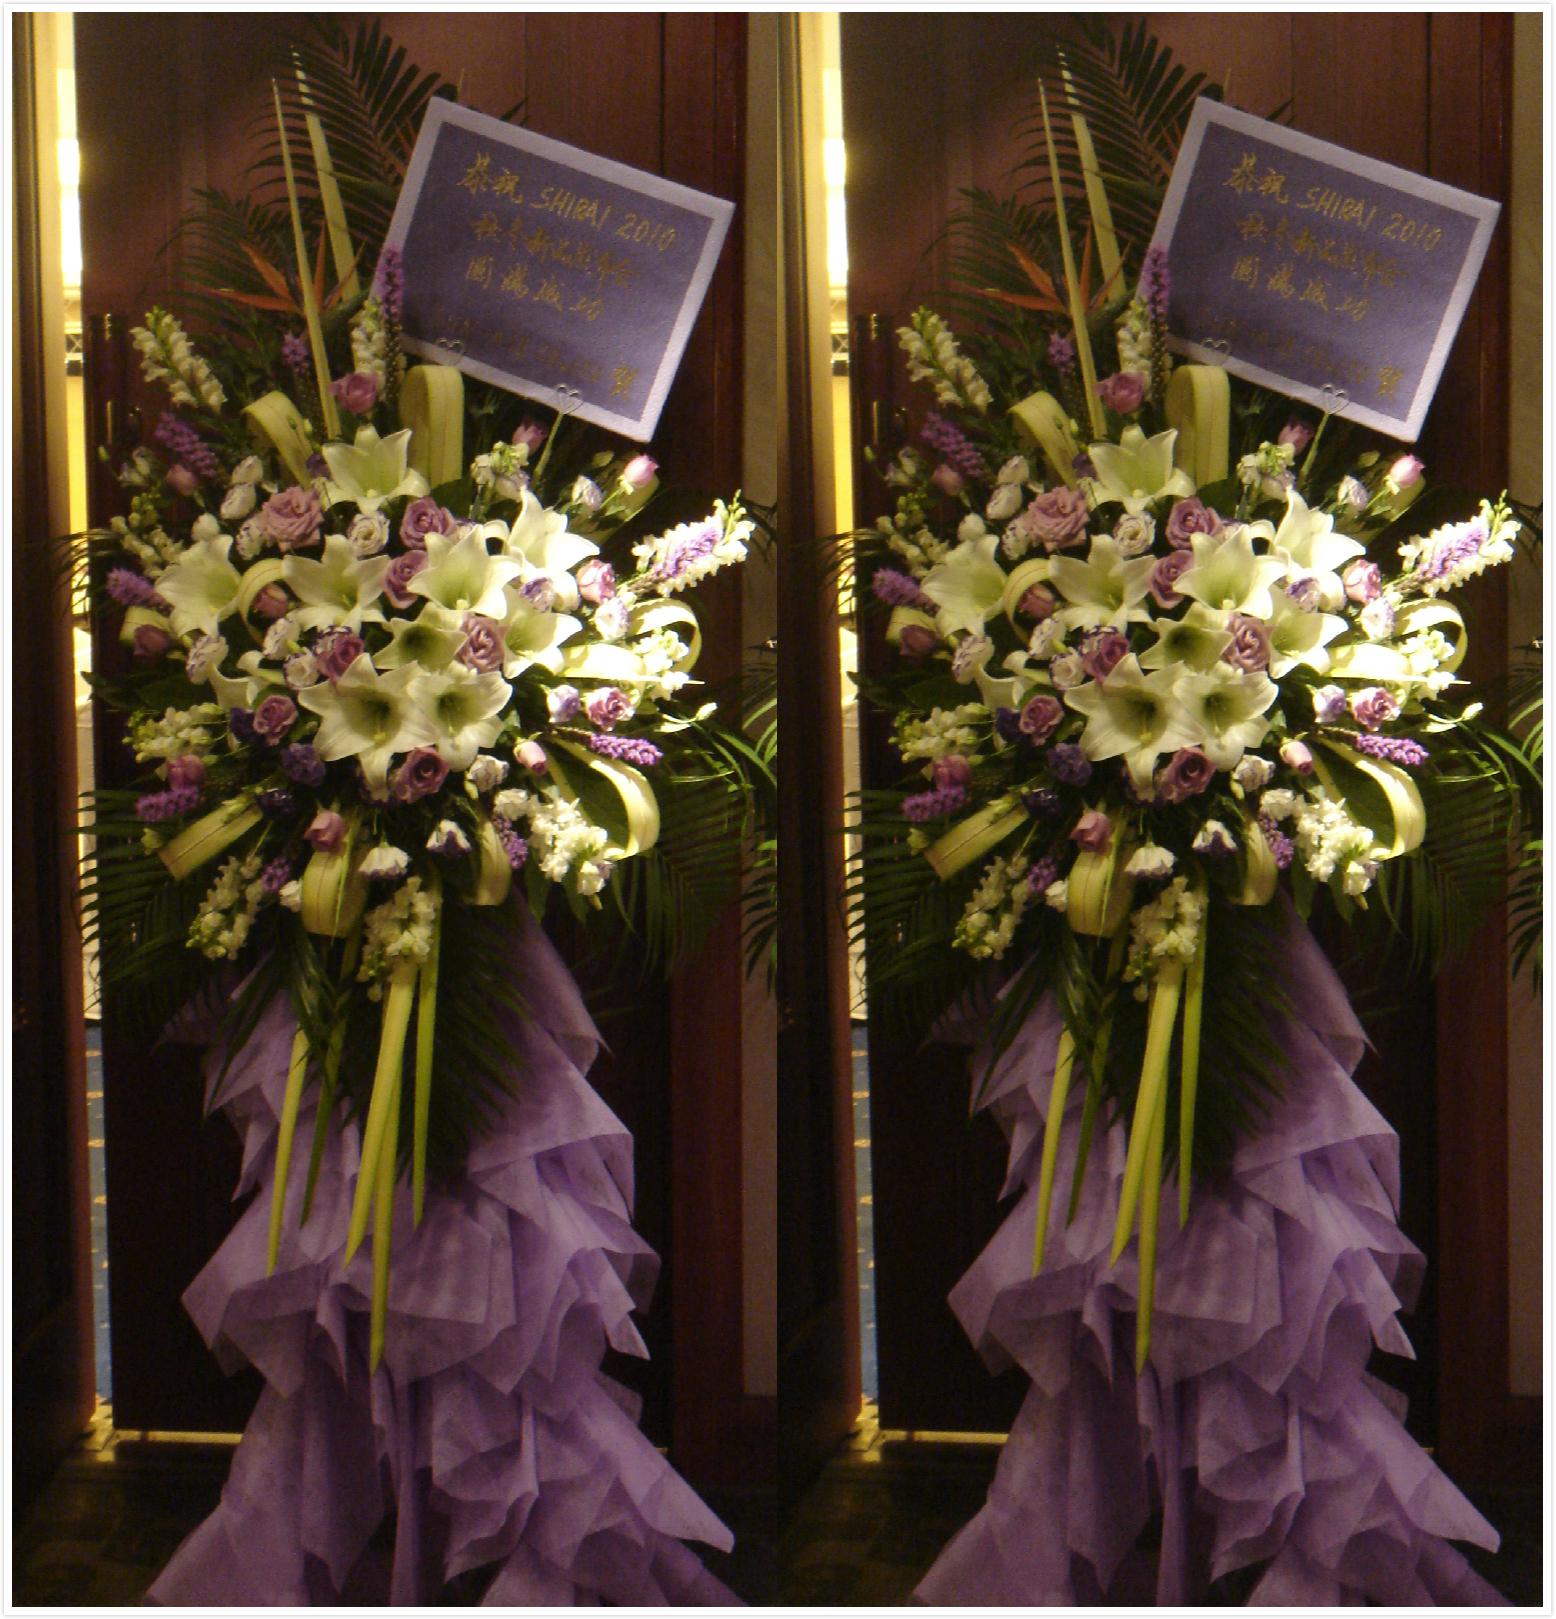 特价上海开业花篮鲜花开张乔迁祝贺商务庆典歌演唱会全市配送速递